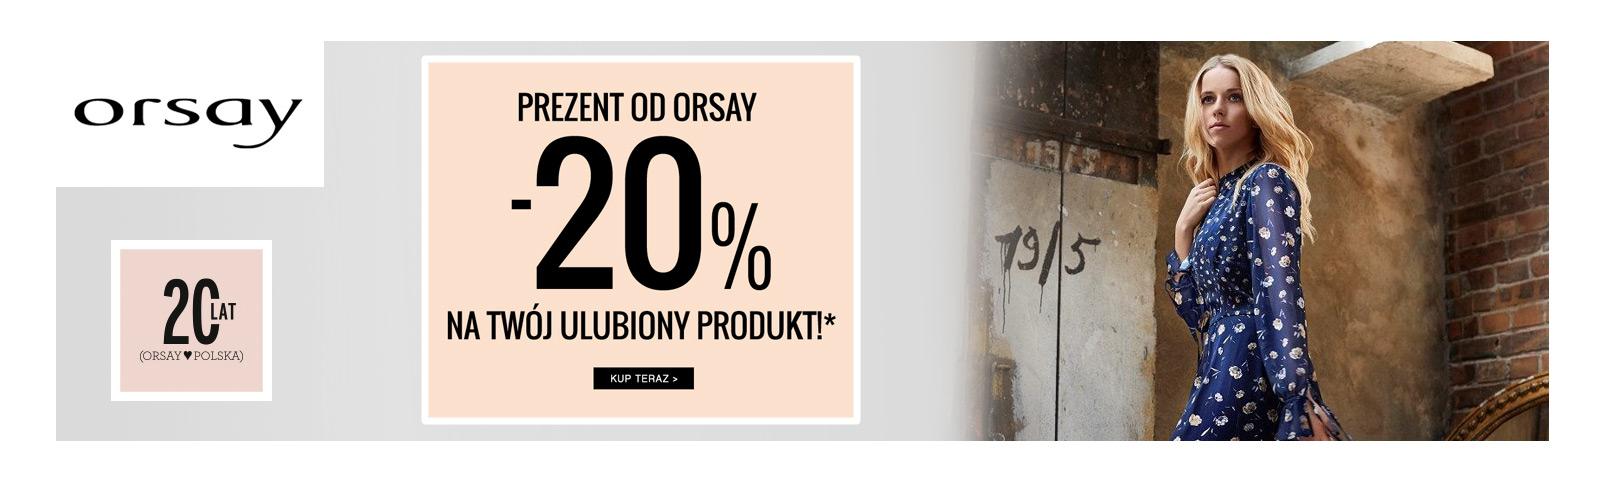 Orsay kupony rabatowe